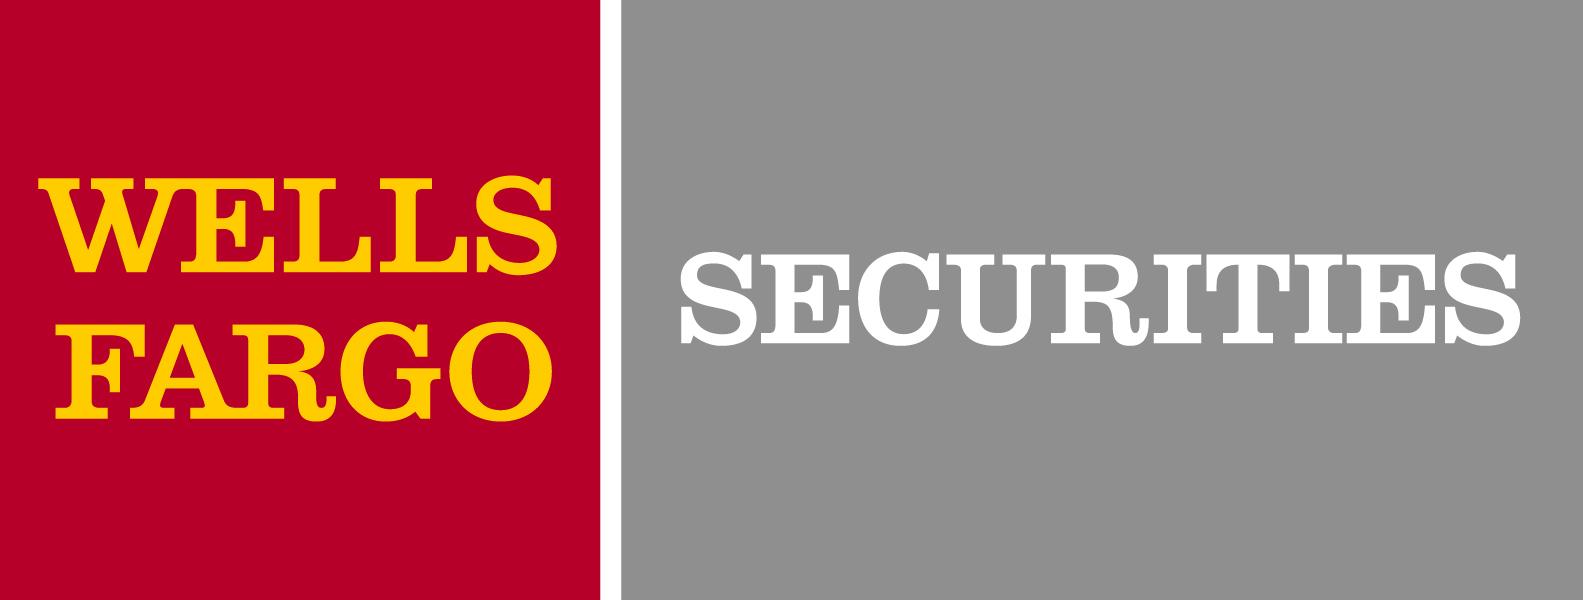 WF_Securities_4c.jpg